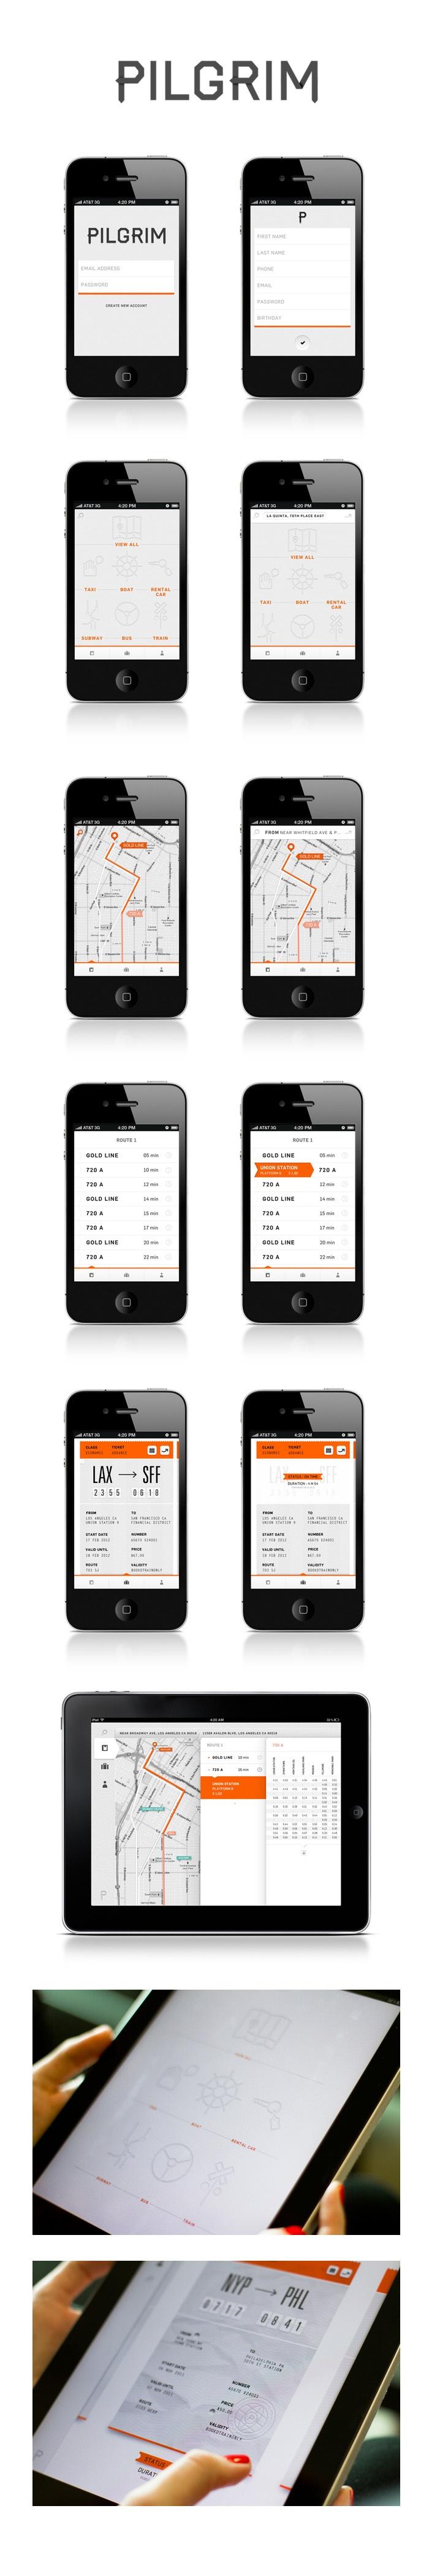 Pilgrim App | Designer: Nicole Gavrilles